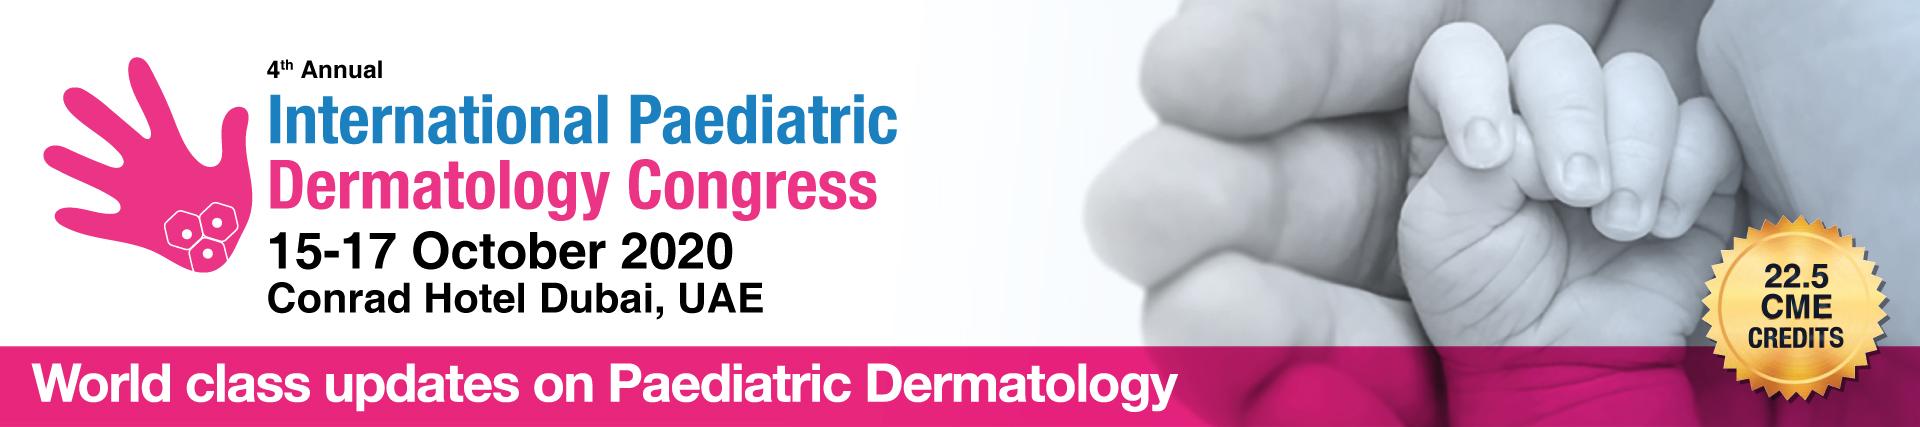 Dermatology_banner (2)